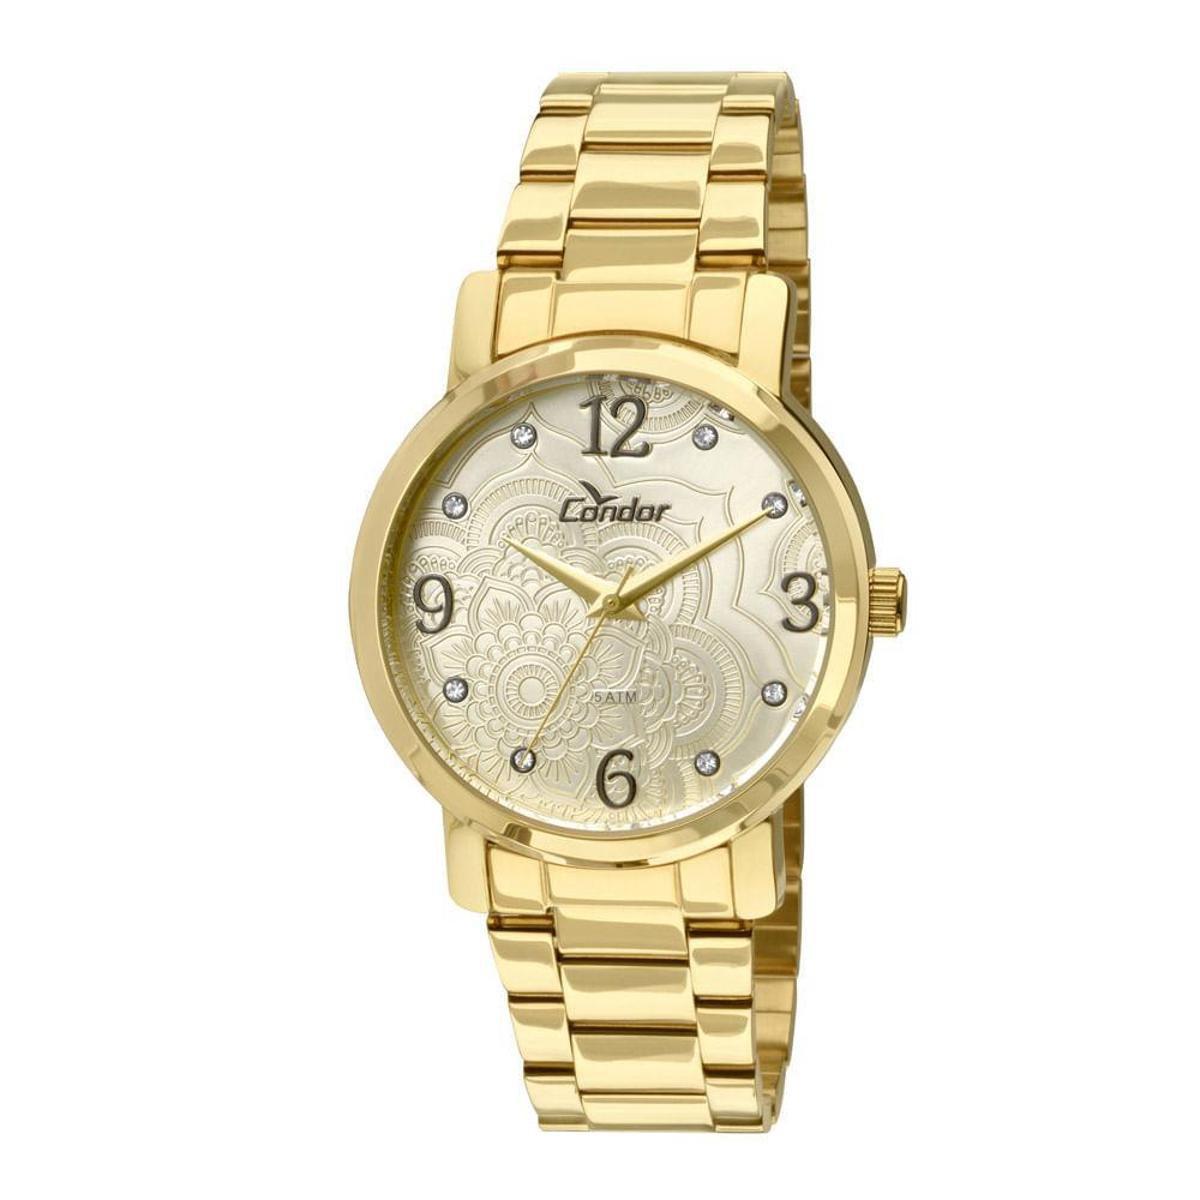 8d60376e148 Relógio Condor Mandala - CO2036CO K4D CO2036CO K4D - Compre Agora ...